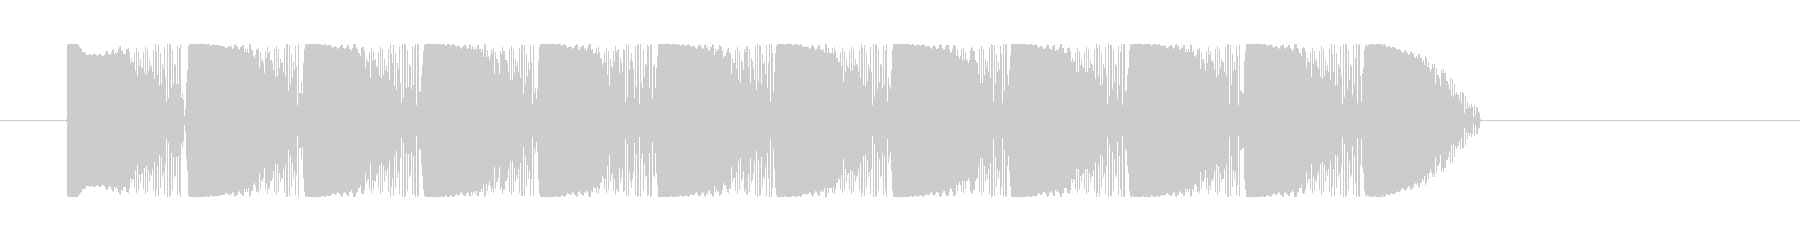 ビーム効果音 レーザー 連射 ピュピュの未再生の波形